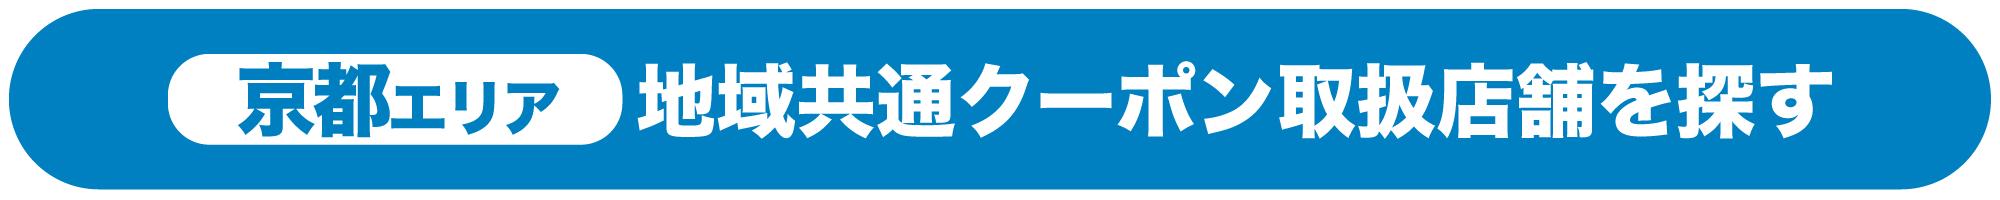 事態 宣言 いつまで 京都 緊急